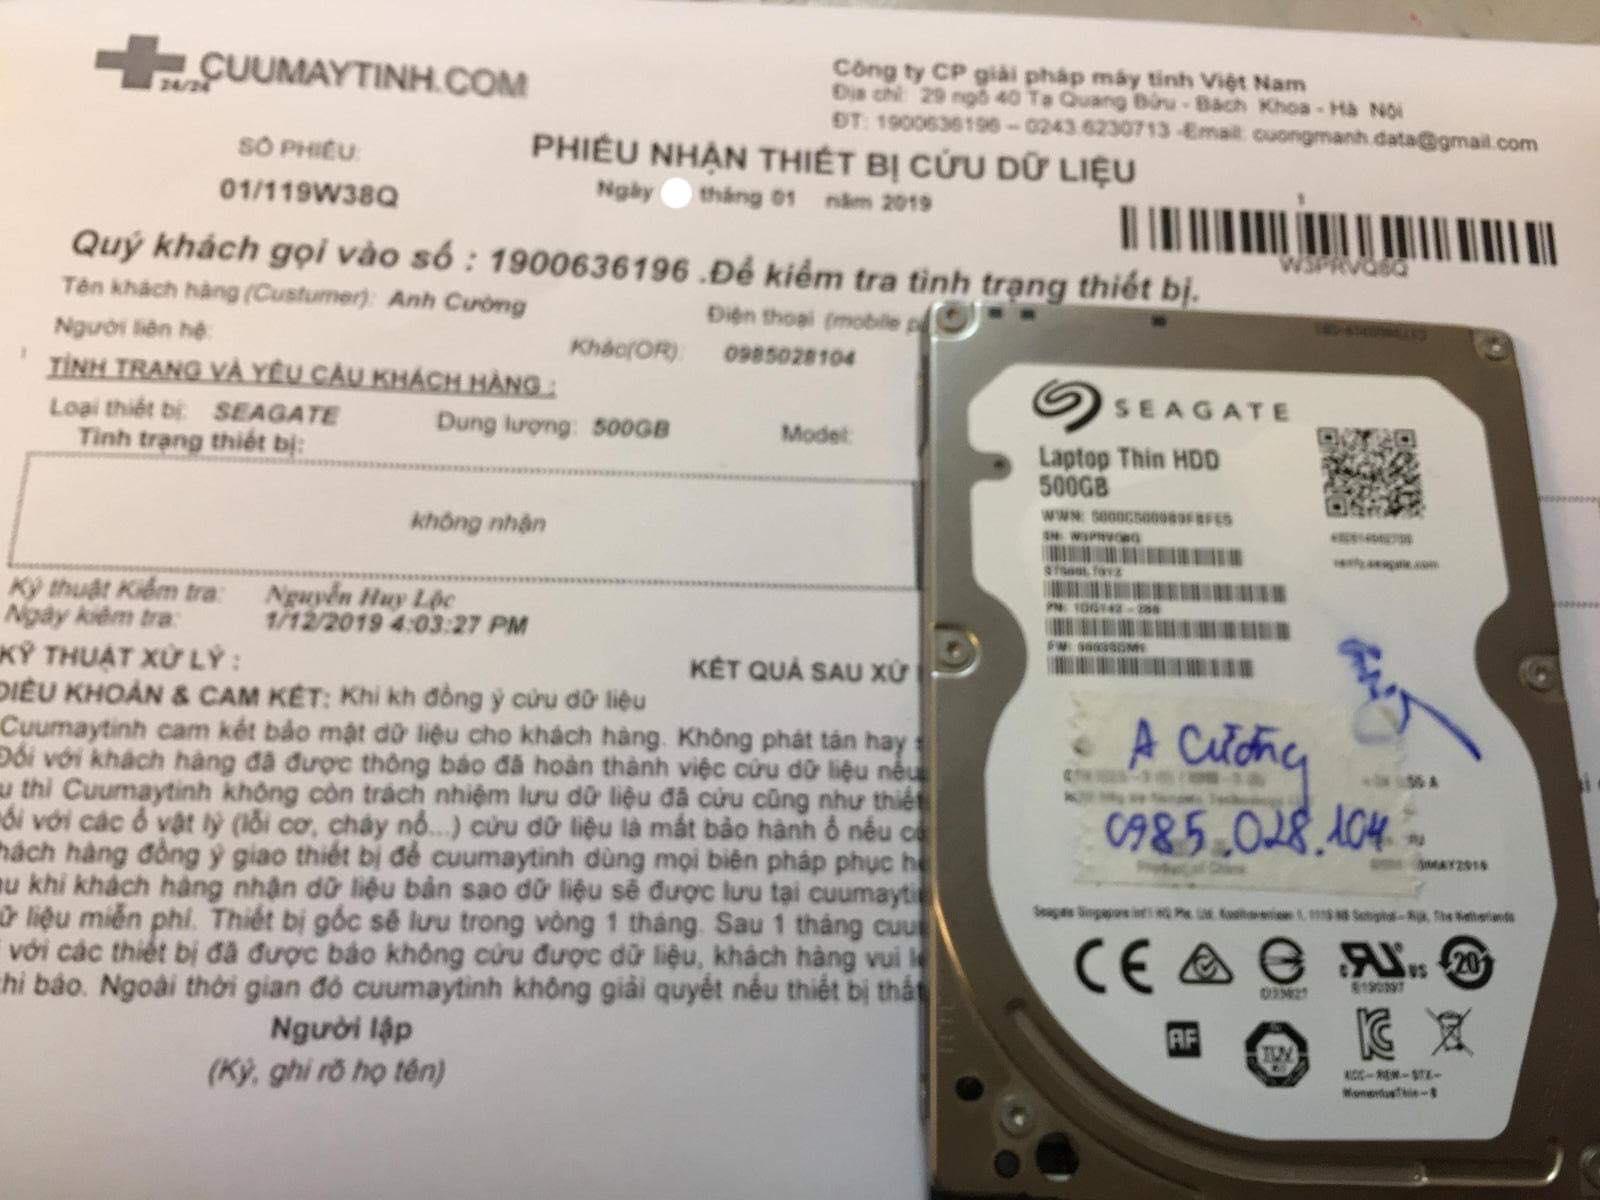 Khôi phục dữ liệu ổ cứng Seagate 500GB không nhận 26/01/2019 - cuumaytinh